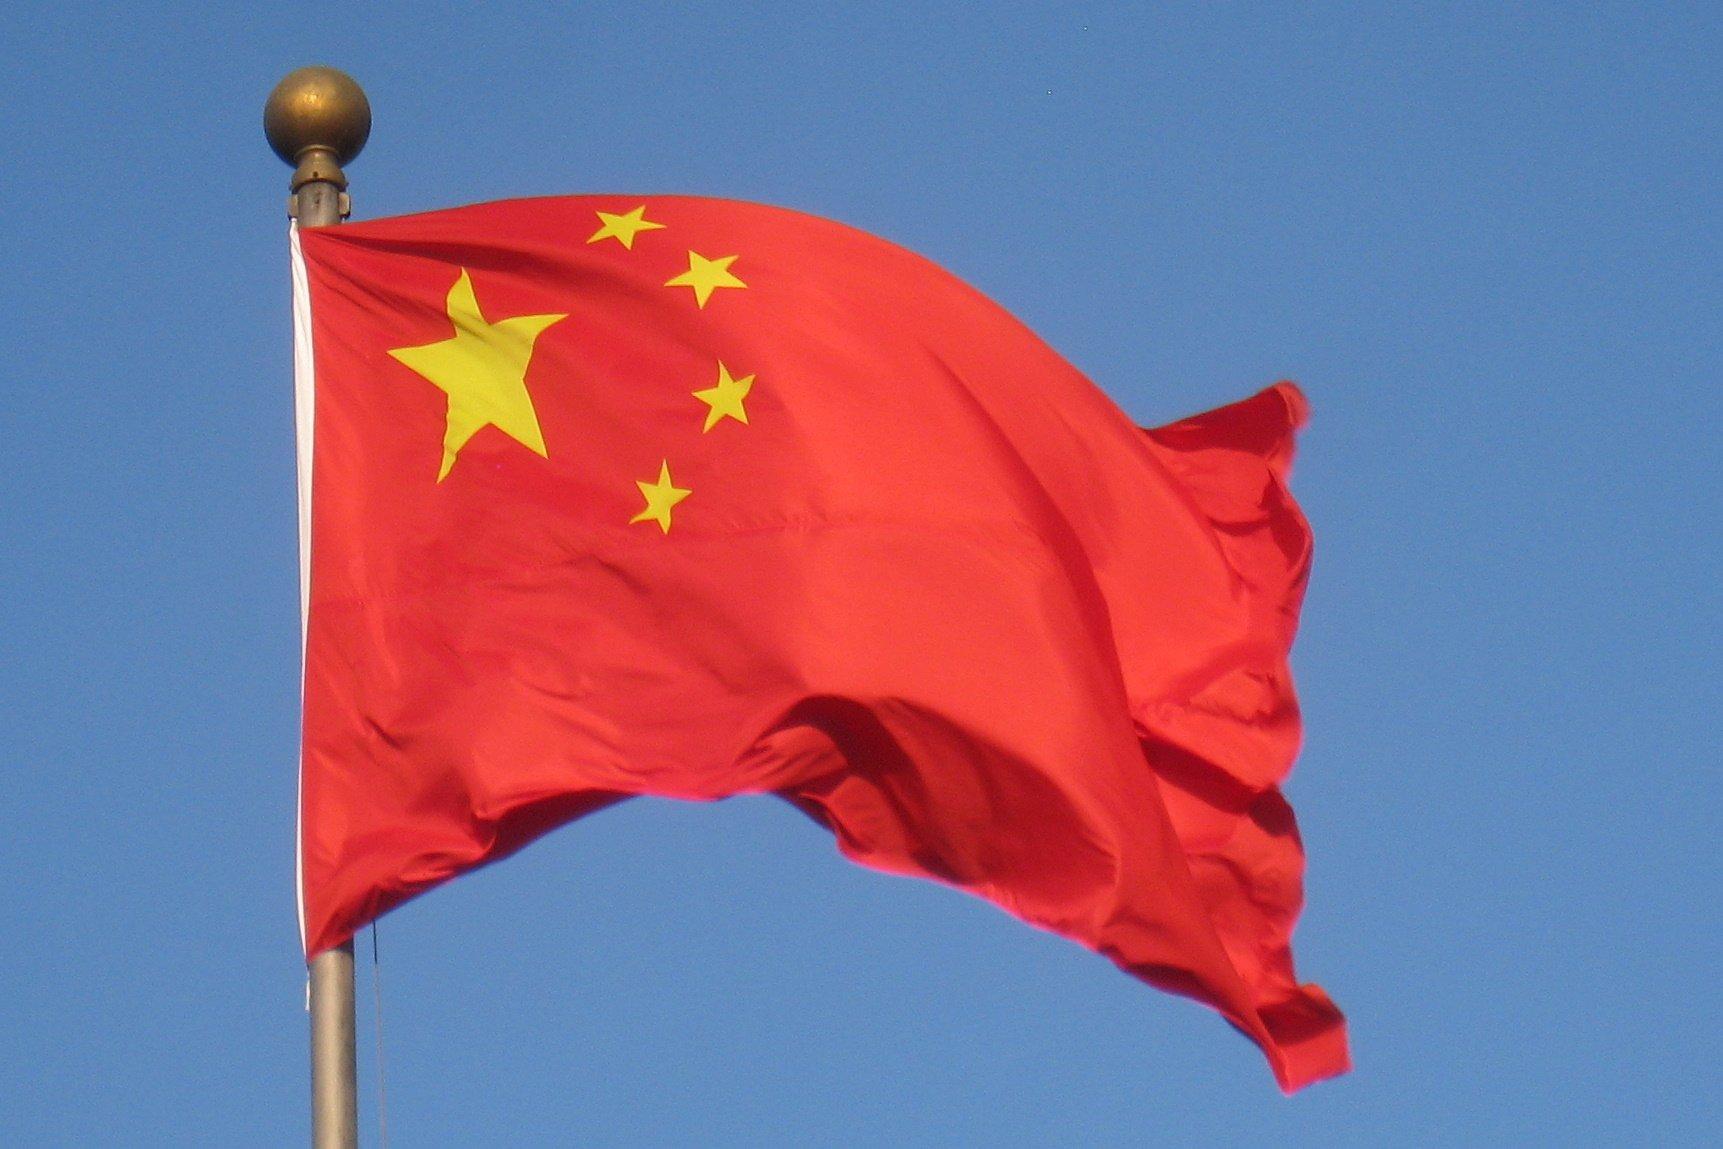 تتعهد الصين بتحقيق معدل نمو من متوسط لمرتفع في خطتها الجديدة